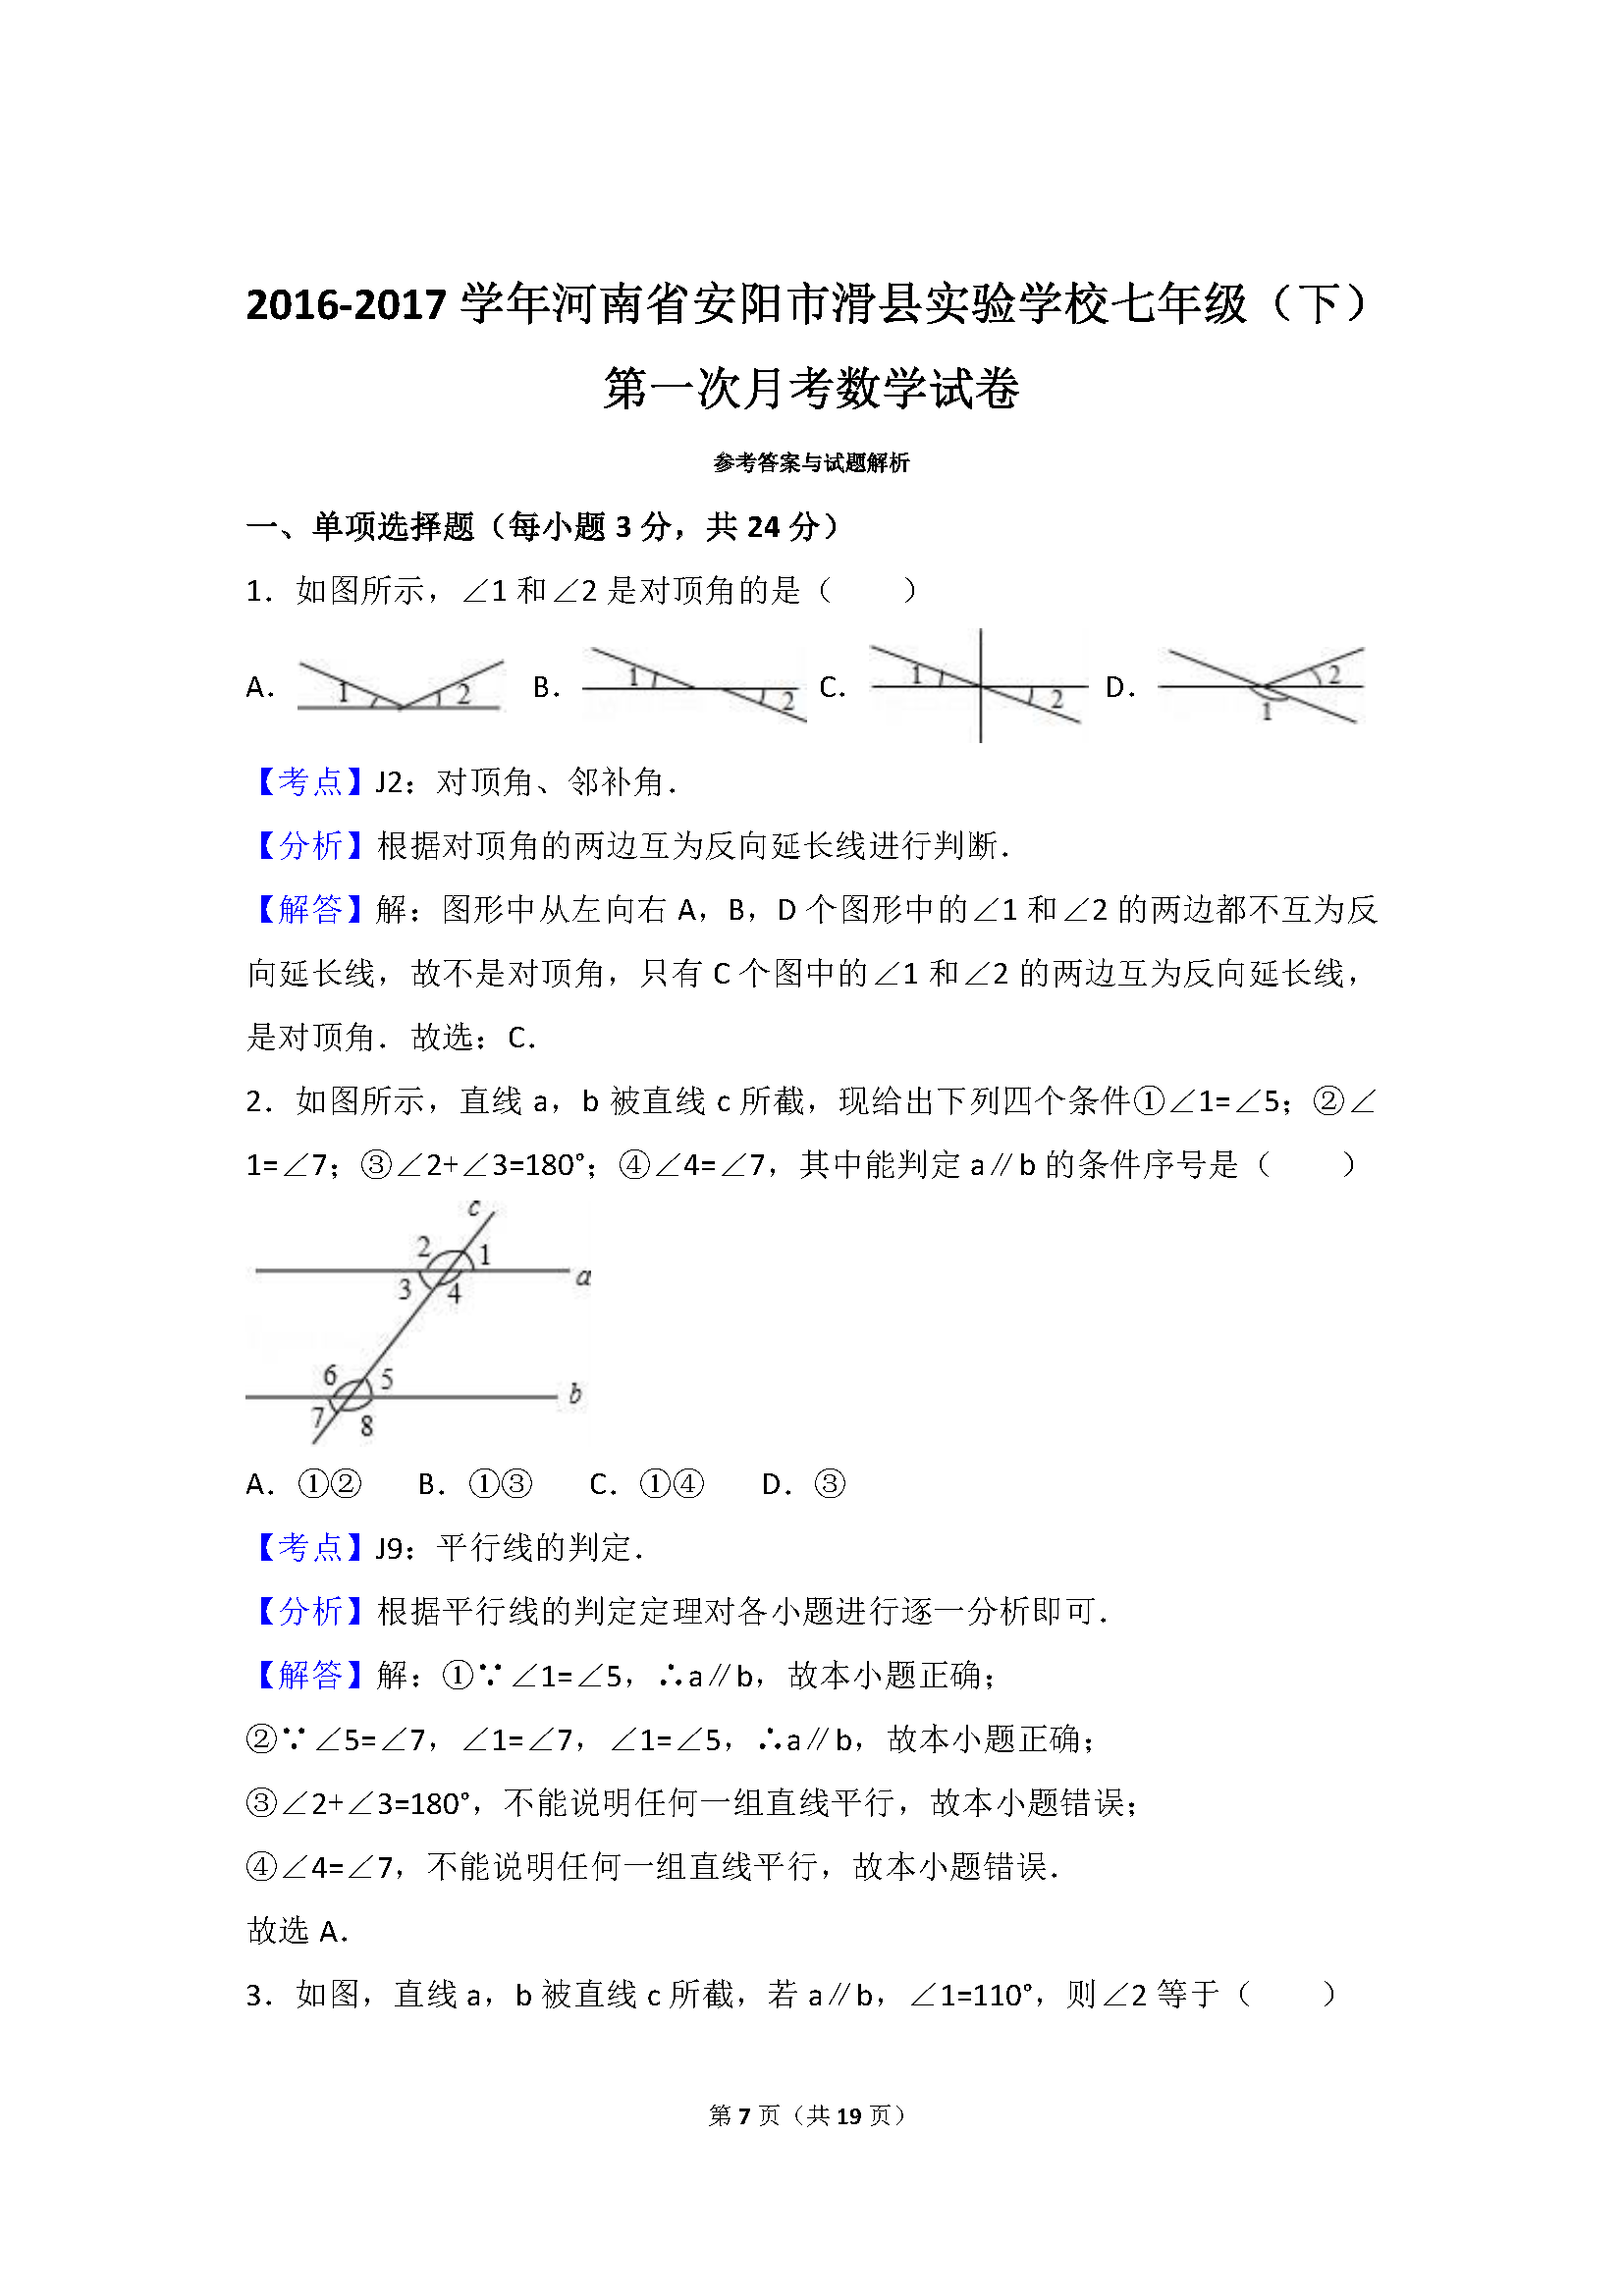 2017河南安阳滑县七年级下第一次月考数学试卷答案(Word版)